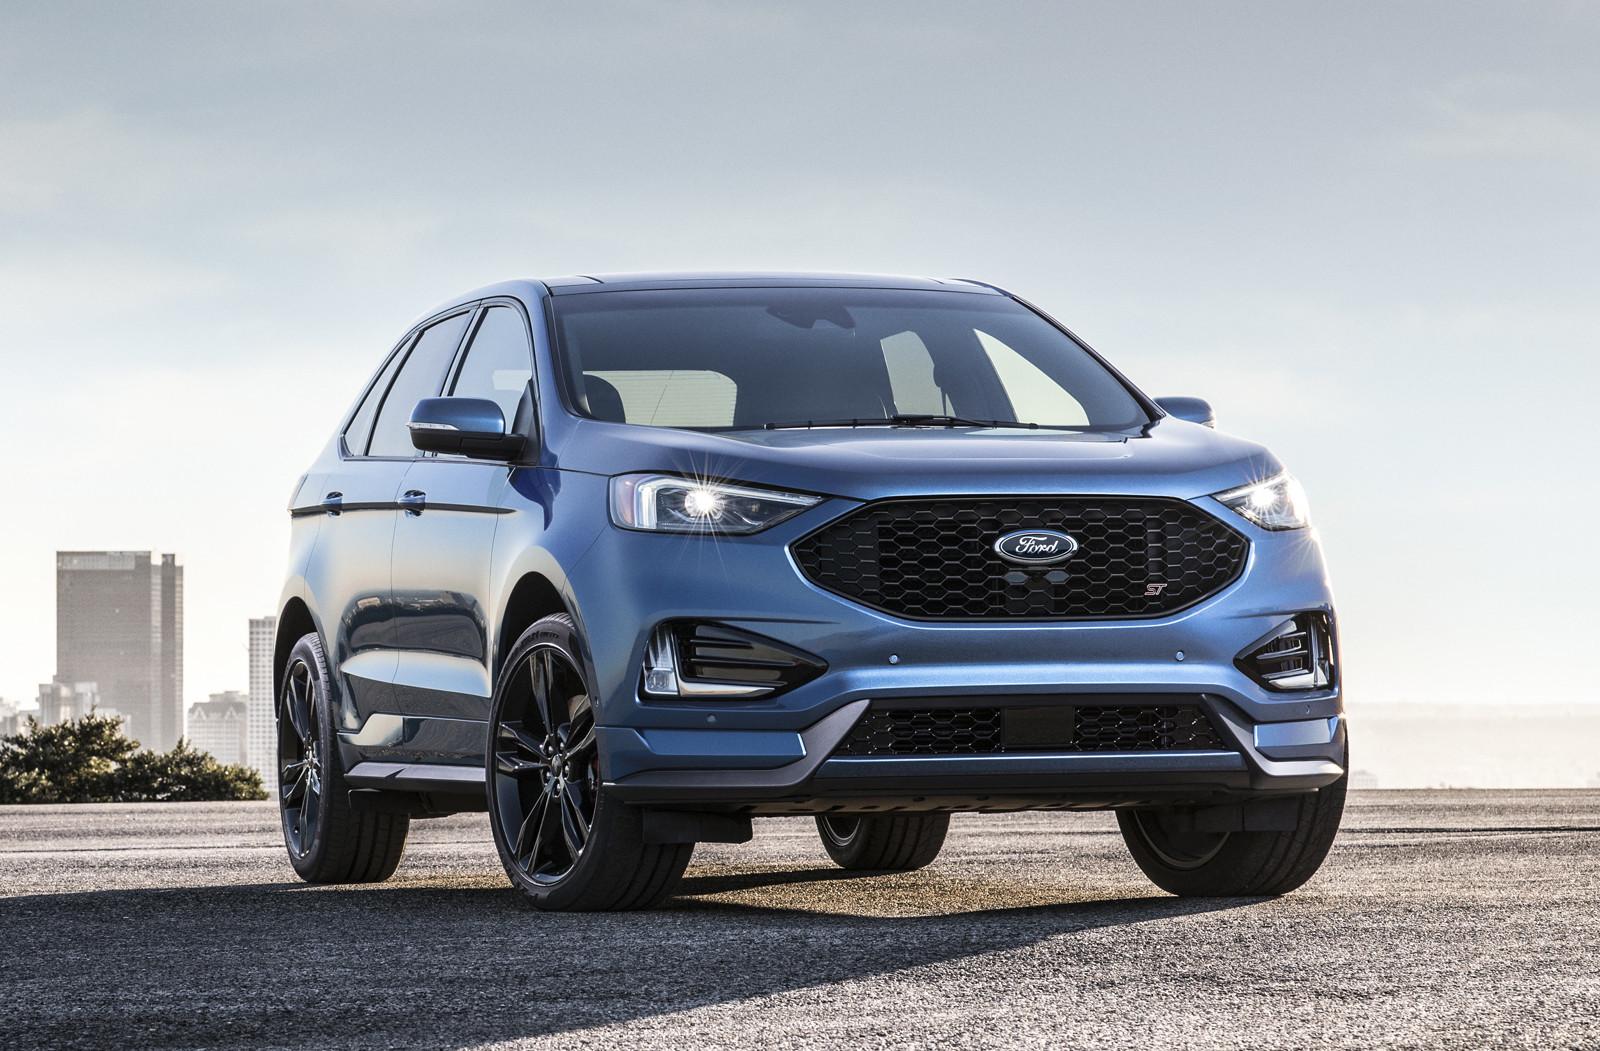 ford edge 2019 color azul lanzado